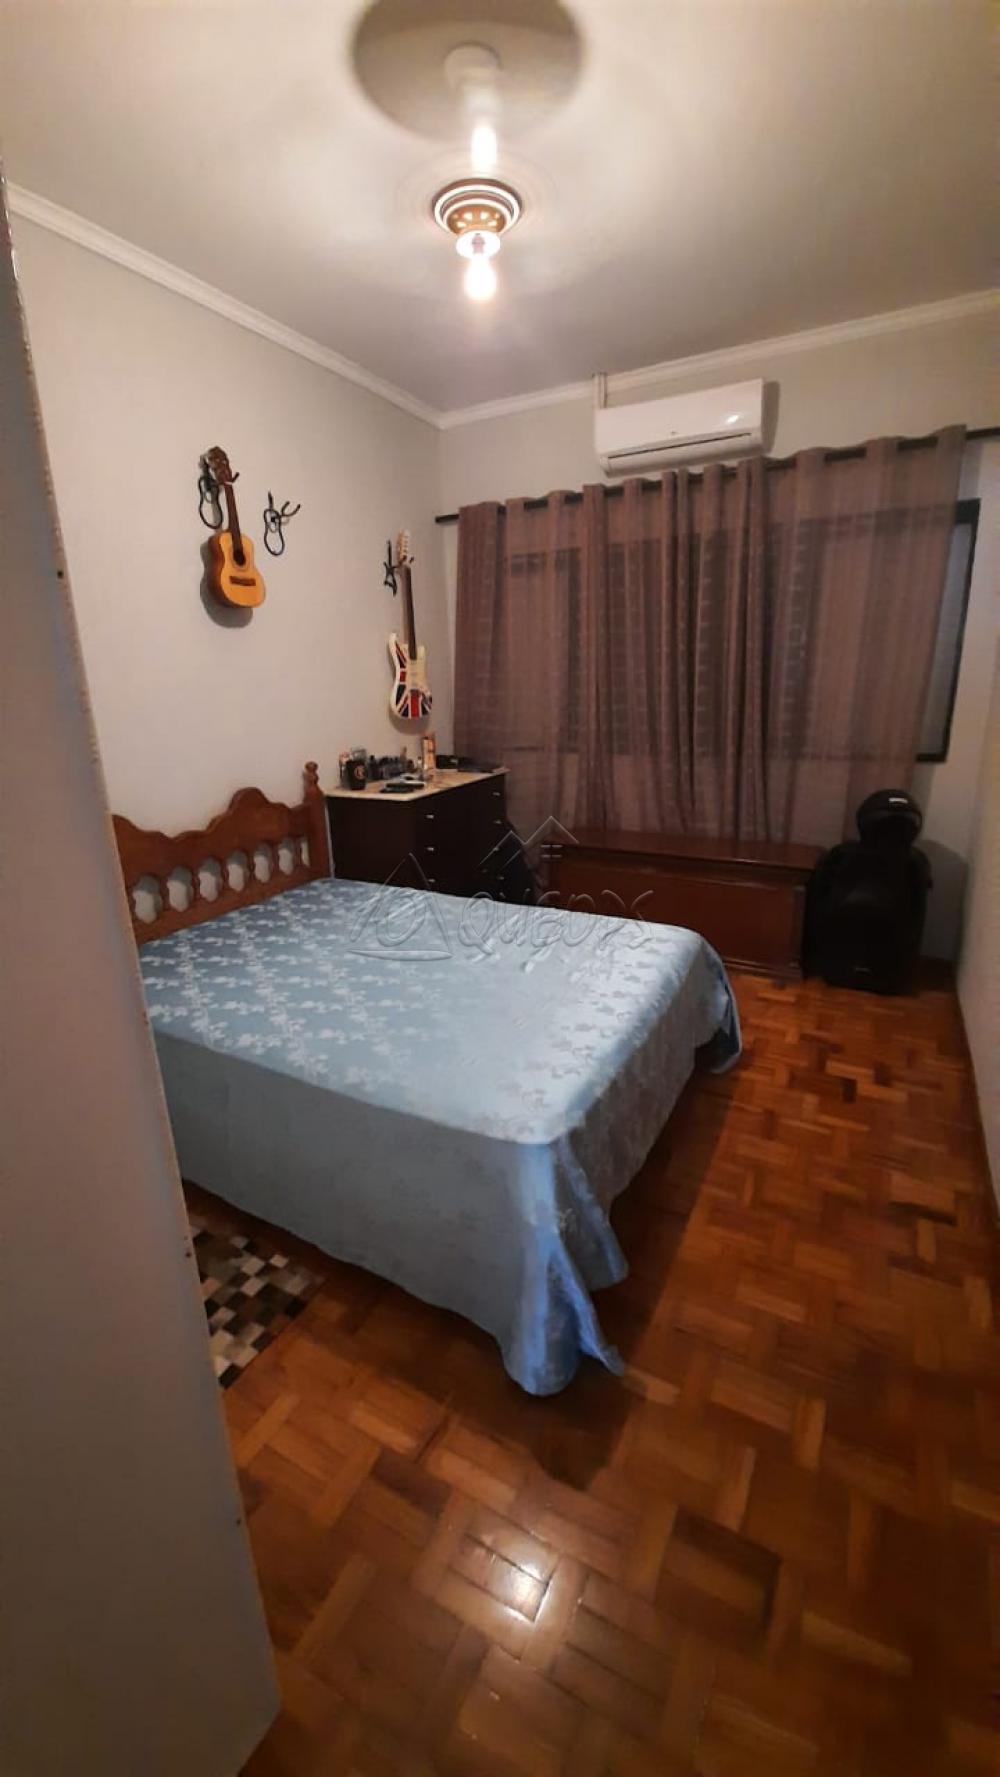 Comprar Casa / Padrão em Barretos apenas R$ 500.000,00 - Foto 21